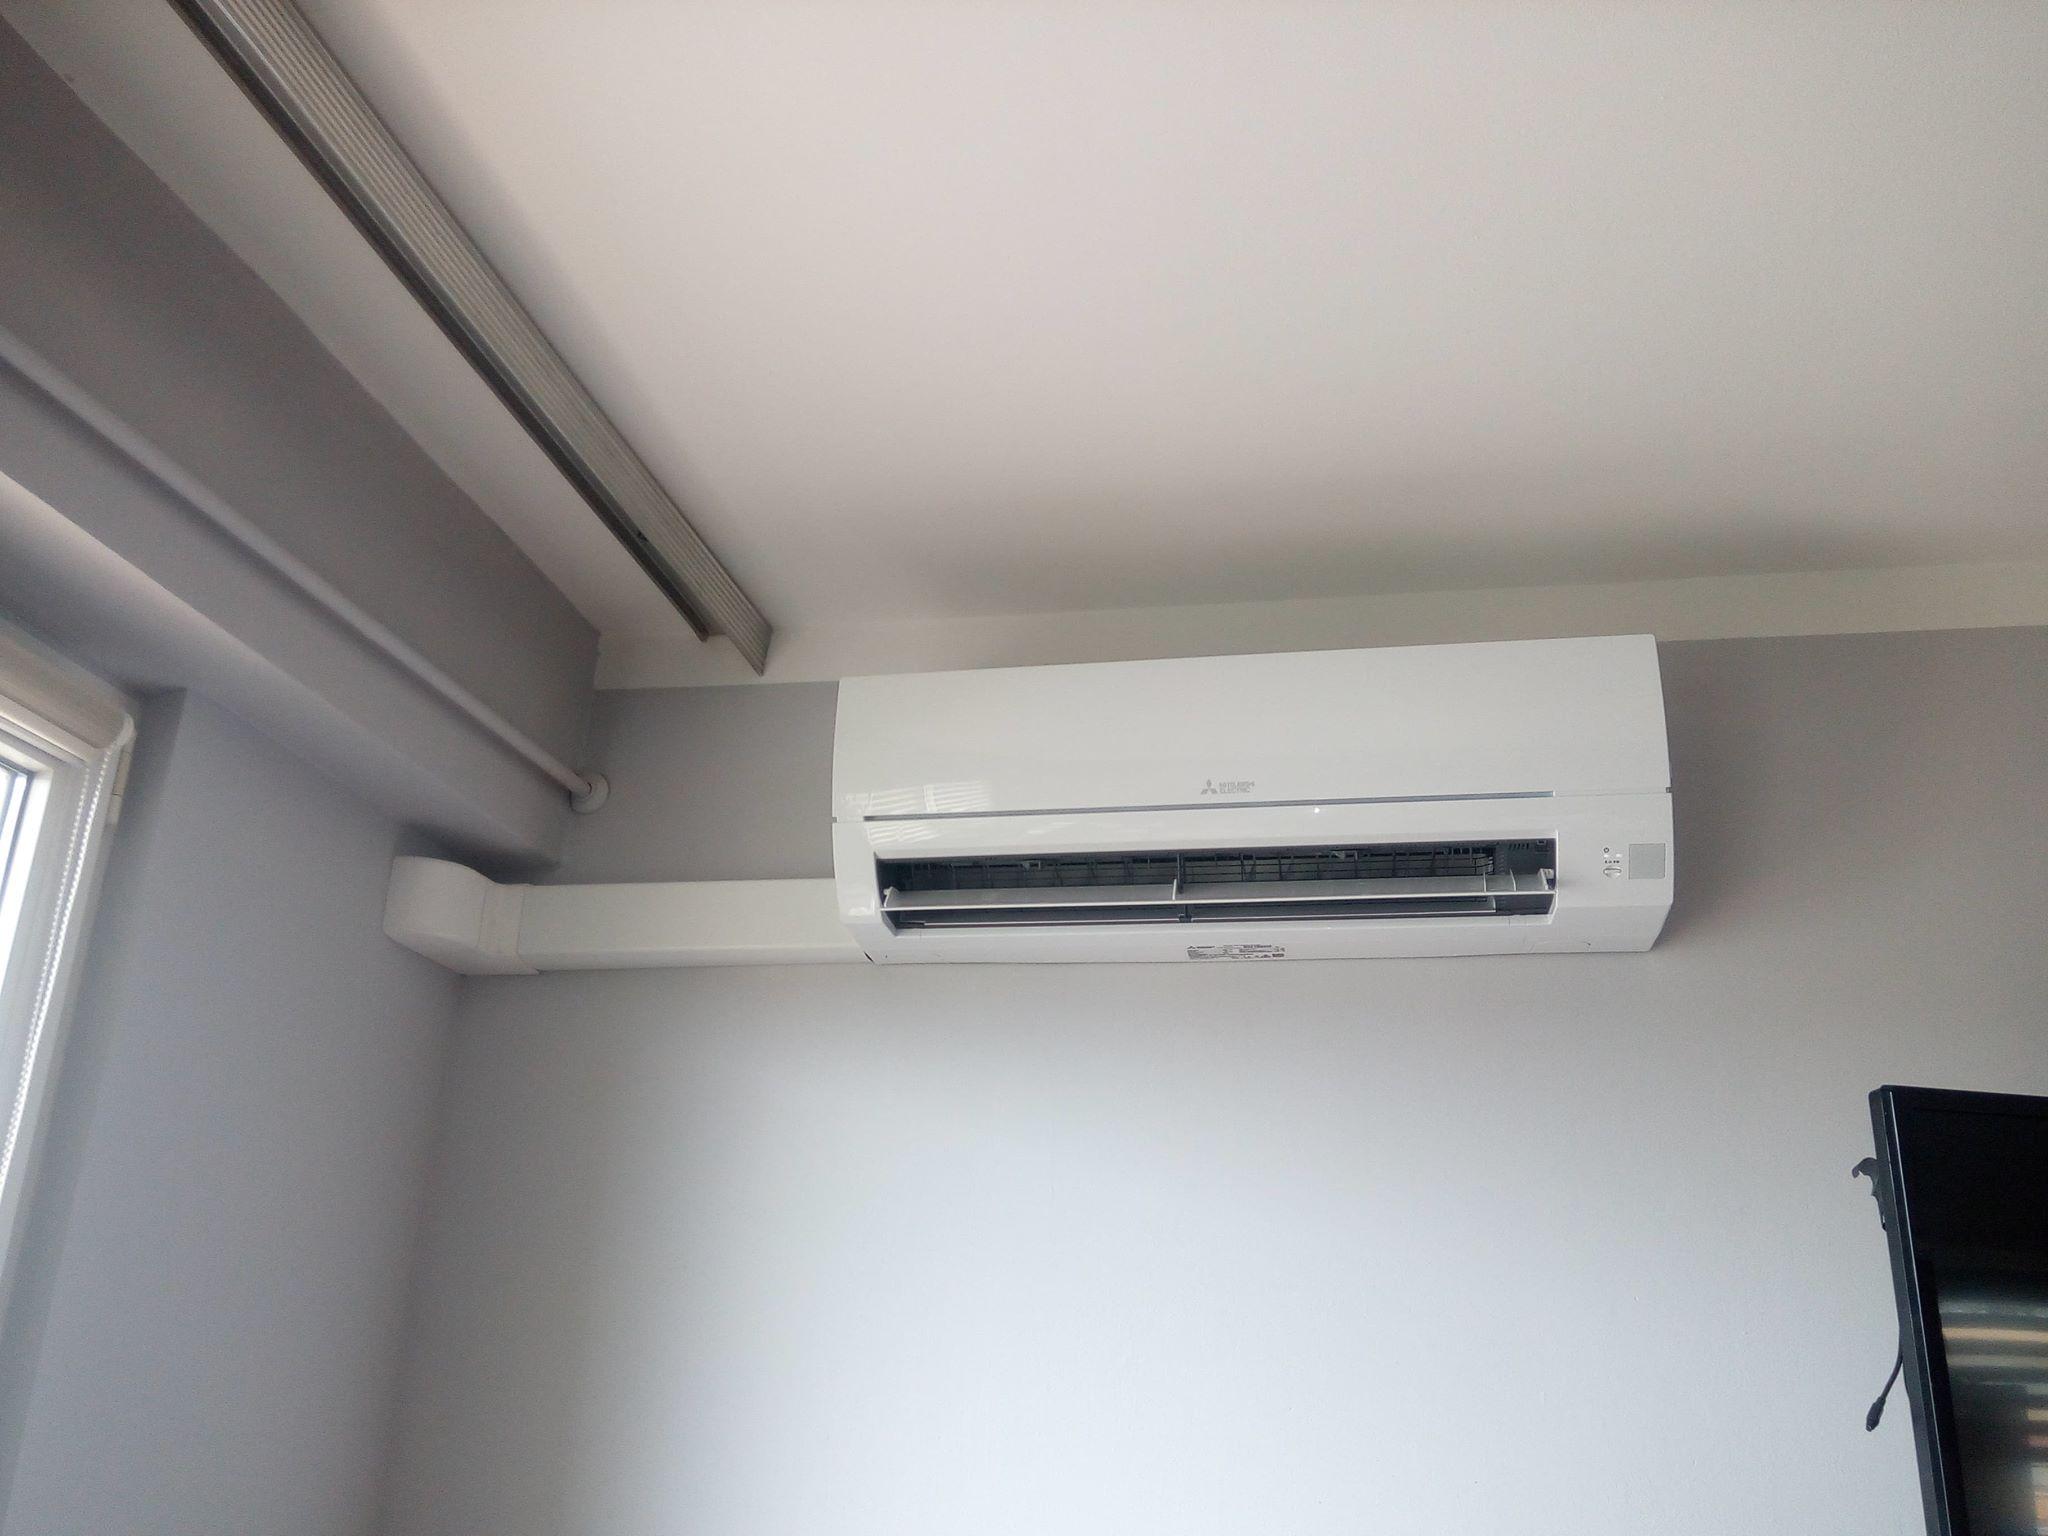 Klimatyzacja Mitsubishi w bloku Skarżysko Kamienna